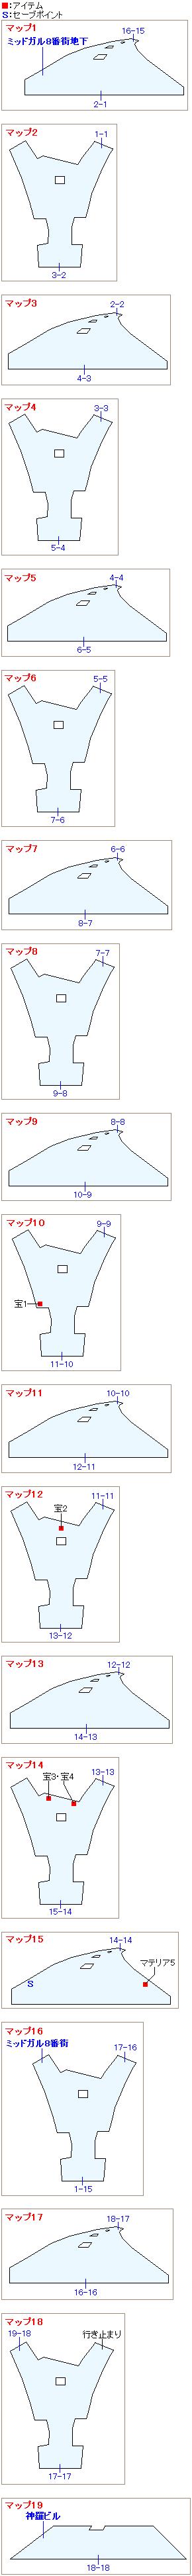 螺旋トンネル(物語終盤)のマップ